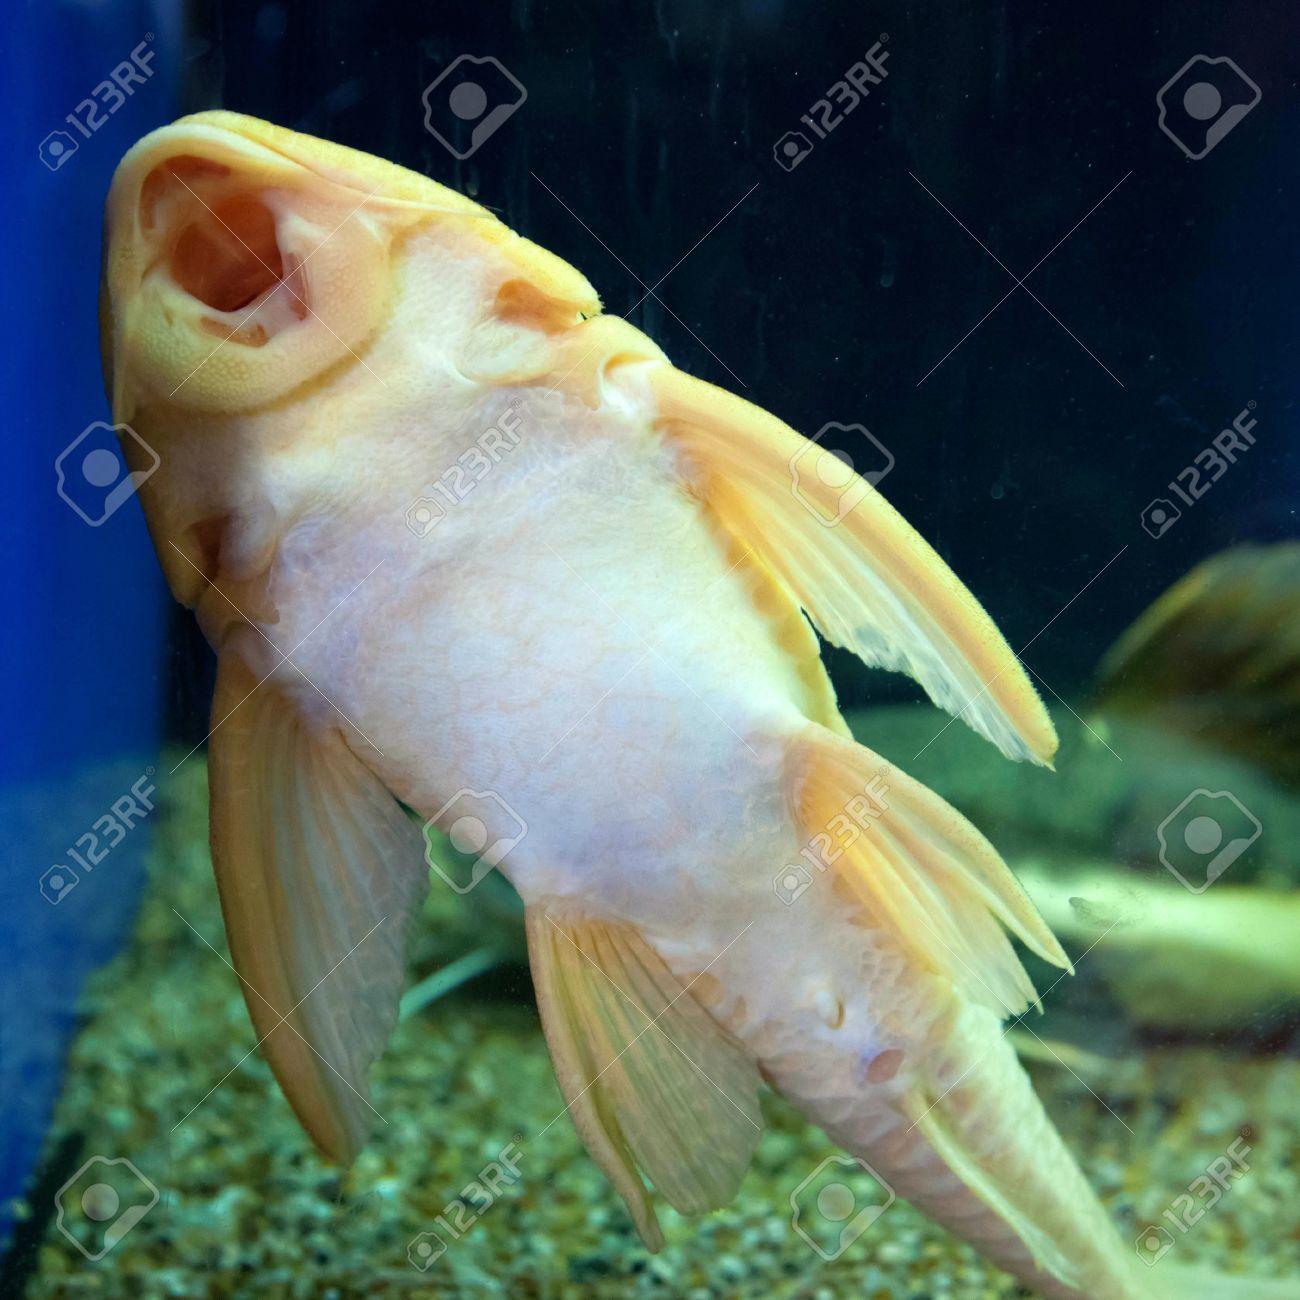 Catfish Ancistrus fish cleaning aquarium Stock Photo - 15687958